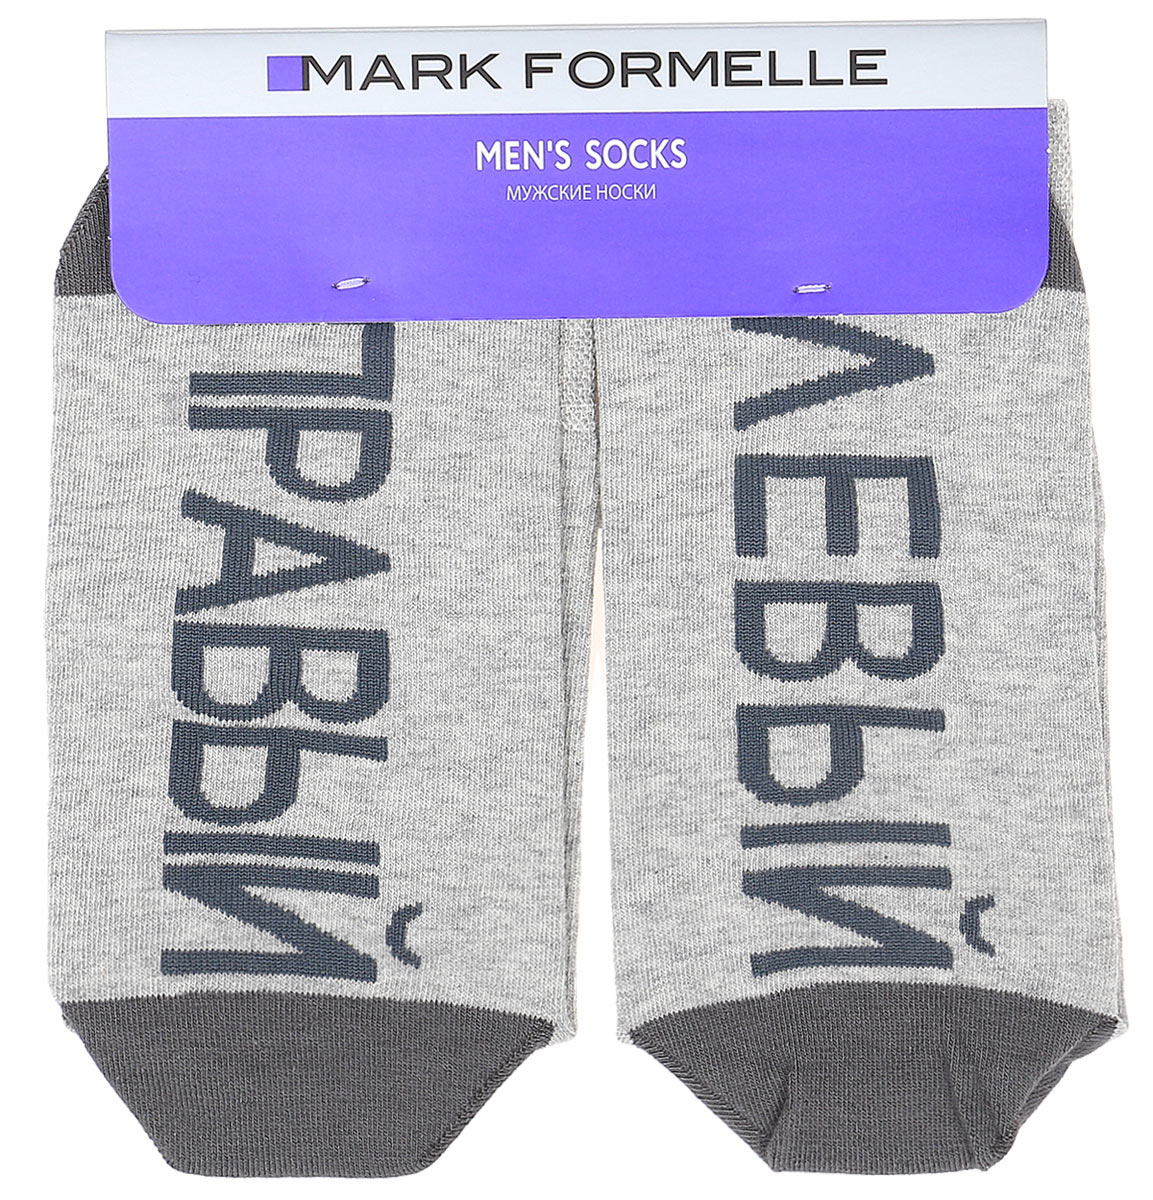 Носки мужские Mark Formelle, цвет: светло-серый меланж. 001K-250. Размер 42/43001K-250Удобные носки от Mark Formelle, изготовленные из высококачественного хлопкового материала с добавлением полиамида и эластана, очень мягкие и приятные на ощупь, позволяют коже дышать. Эластичная резинка плотно облегает ногу, не сдавливая ее, обеспечивая комфорт и удобство. На ступнях носки оформлены надписями левый, правый.